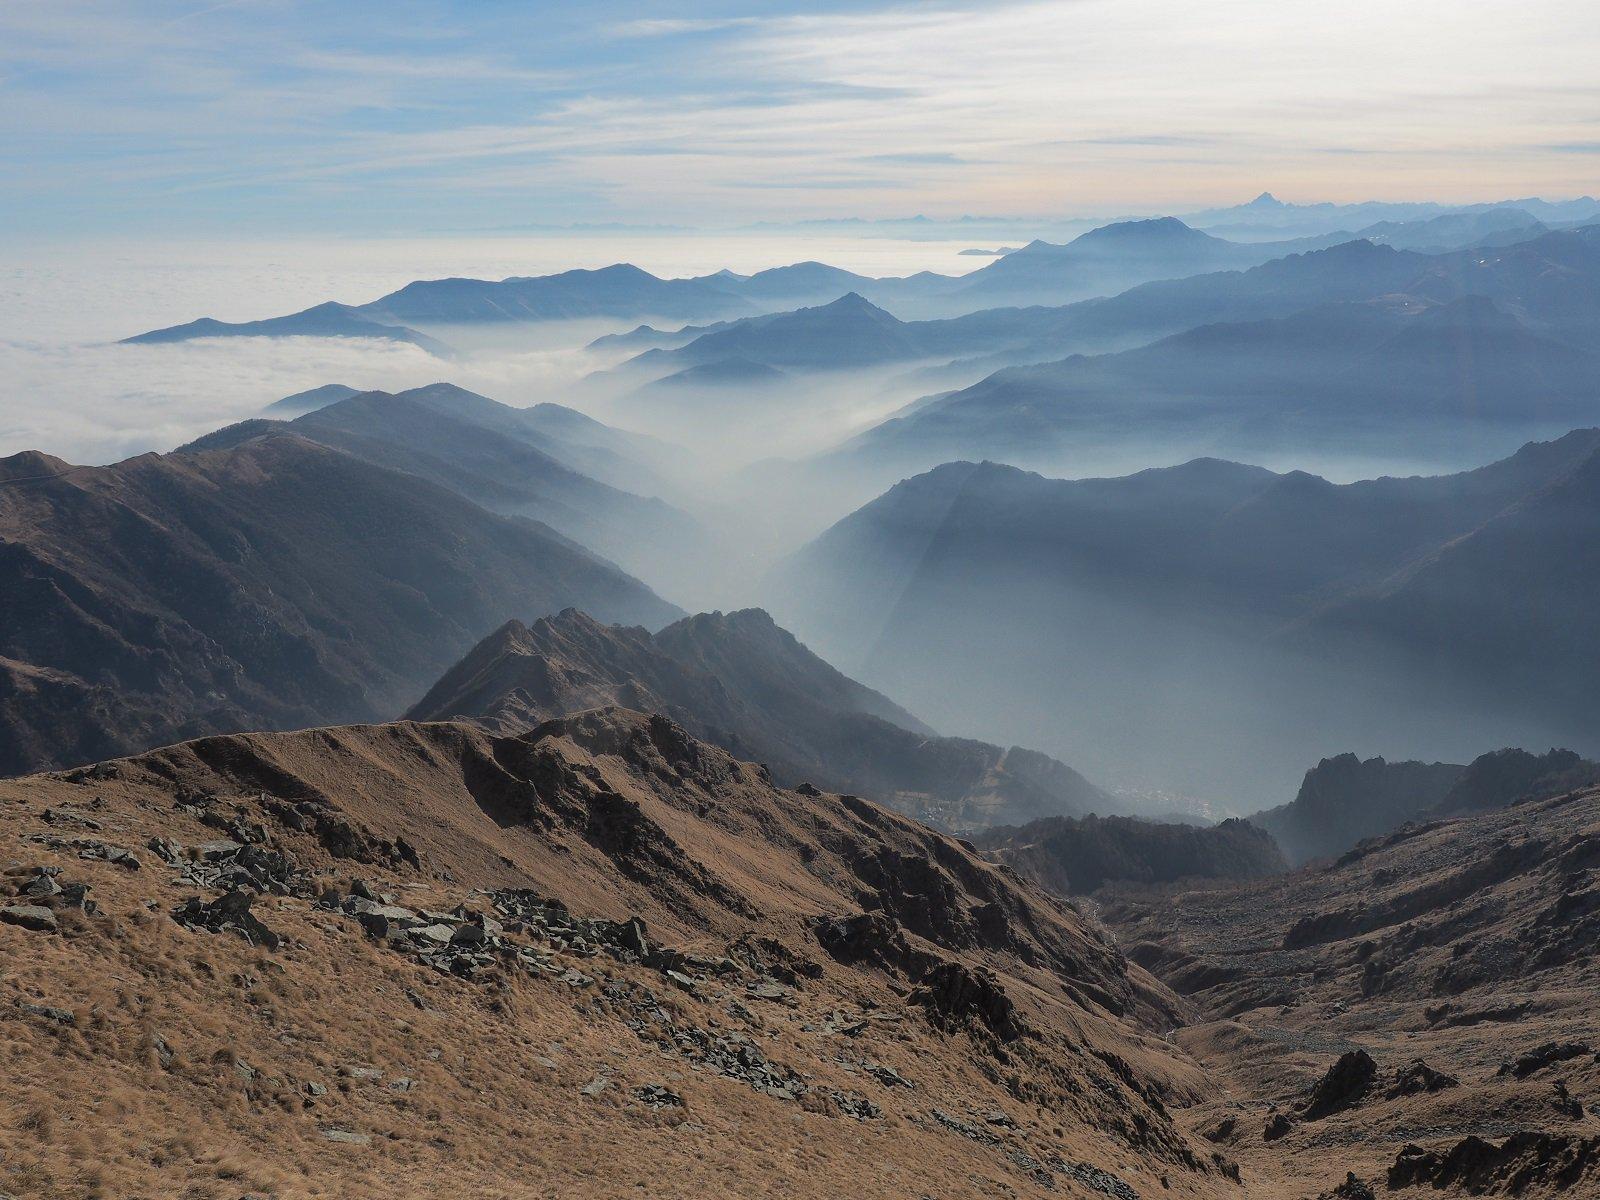 Uno sguardo verso sud dalla vetta, con foschia nelle valli e nebbia in pianura